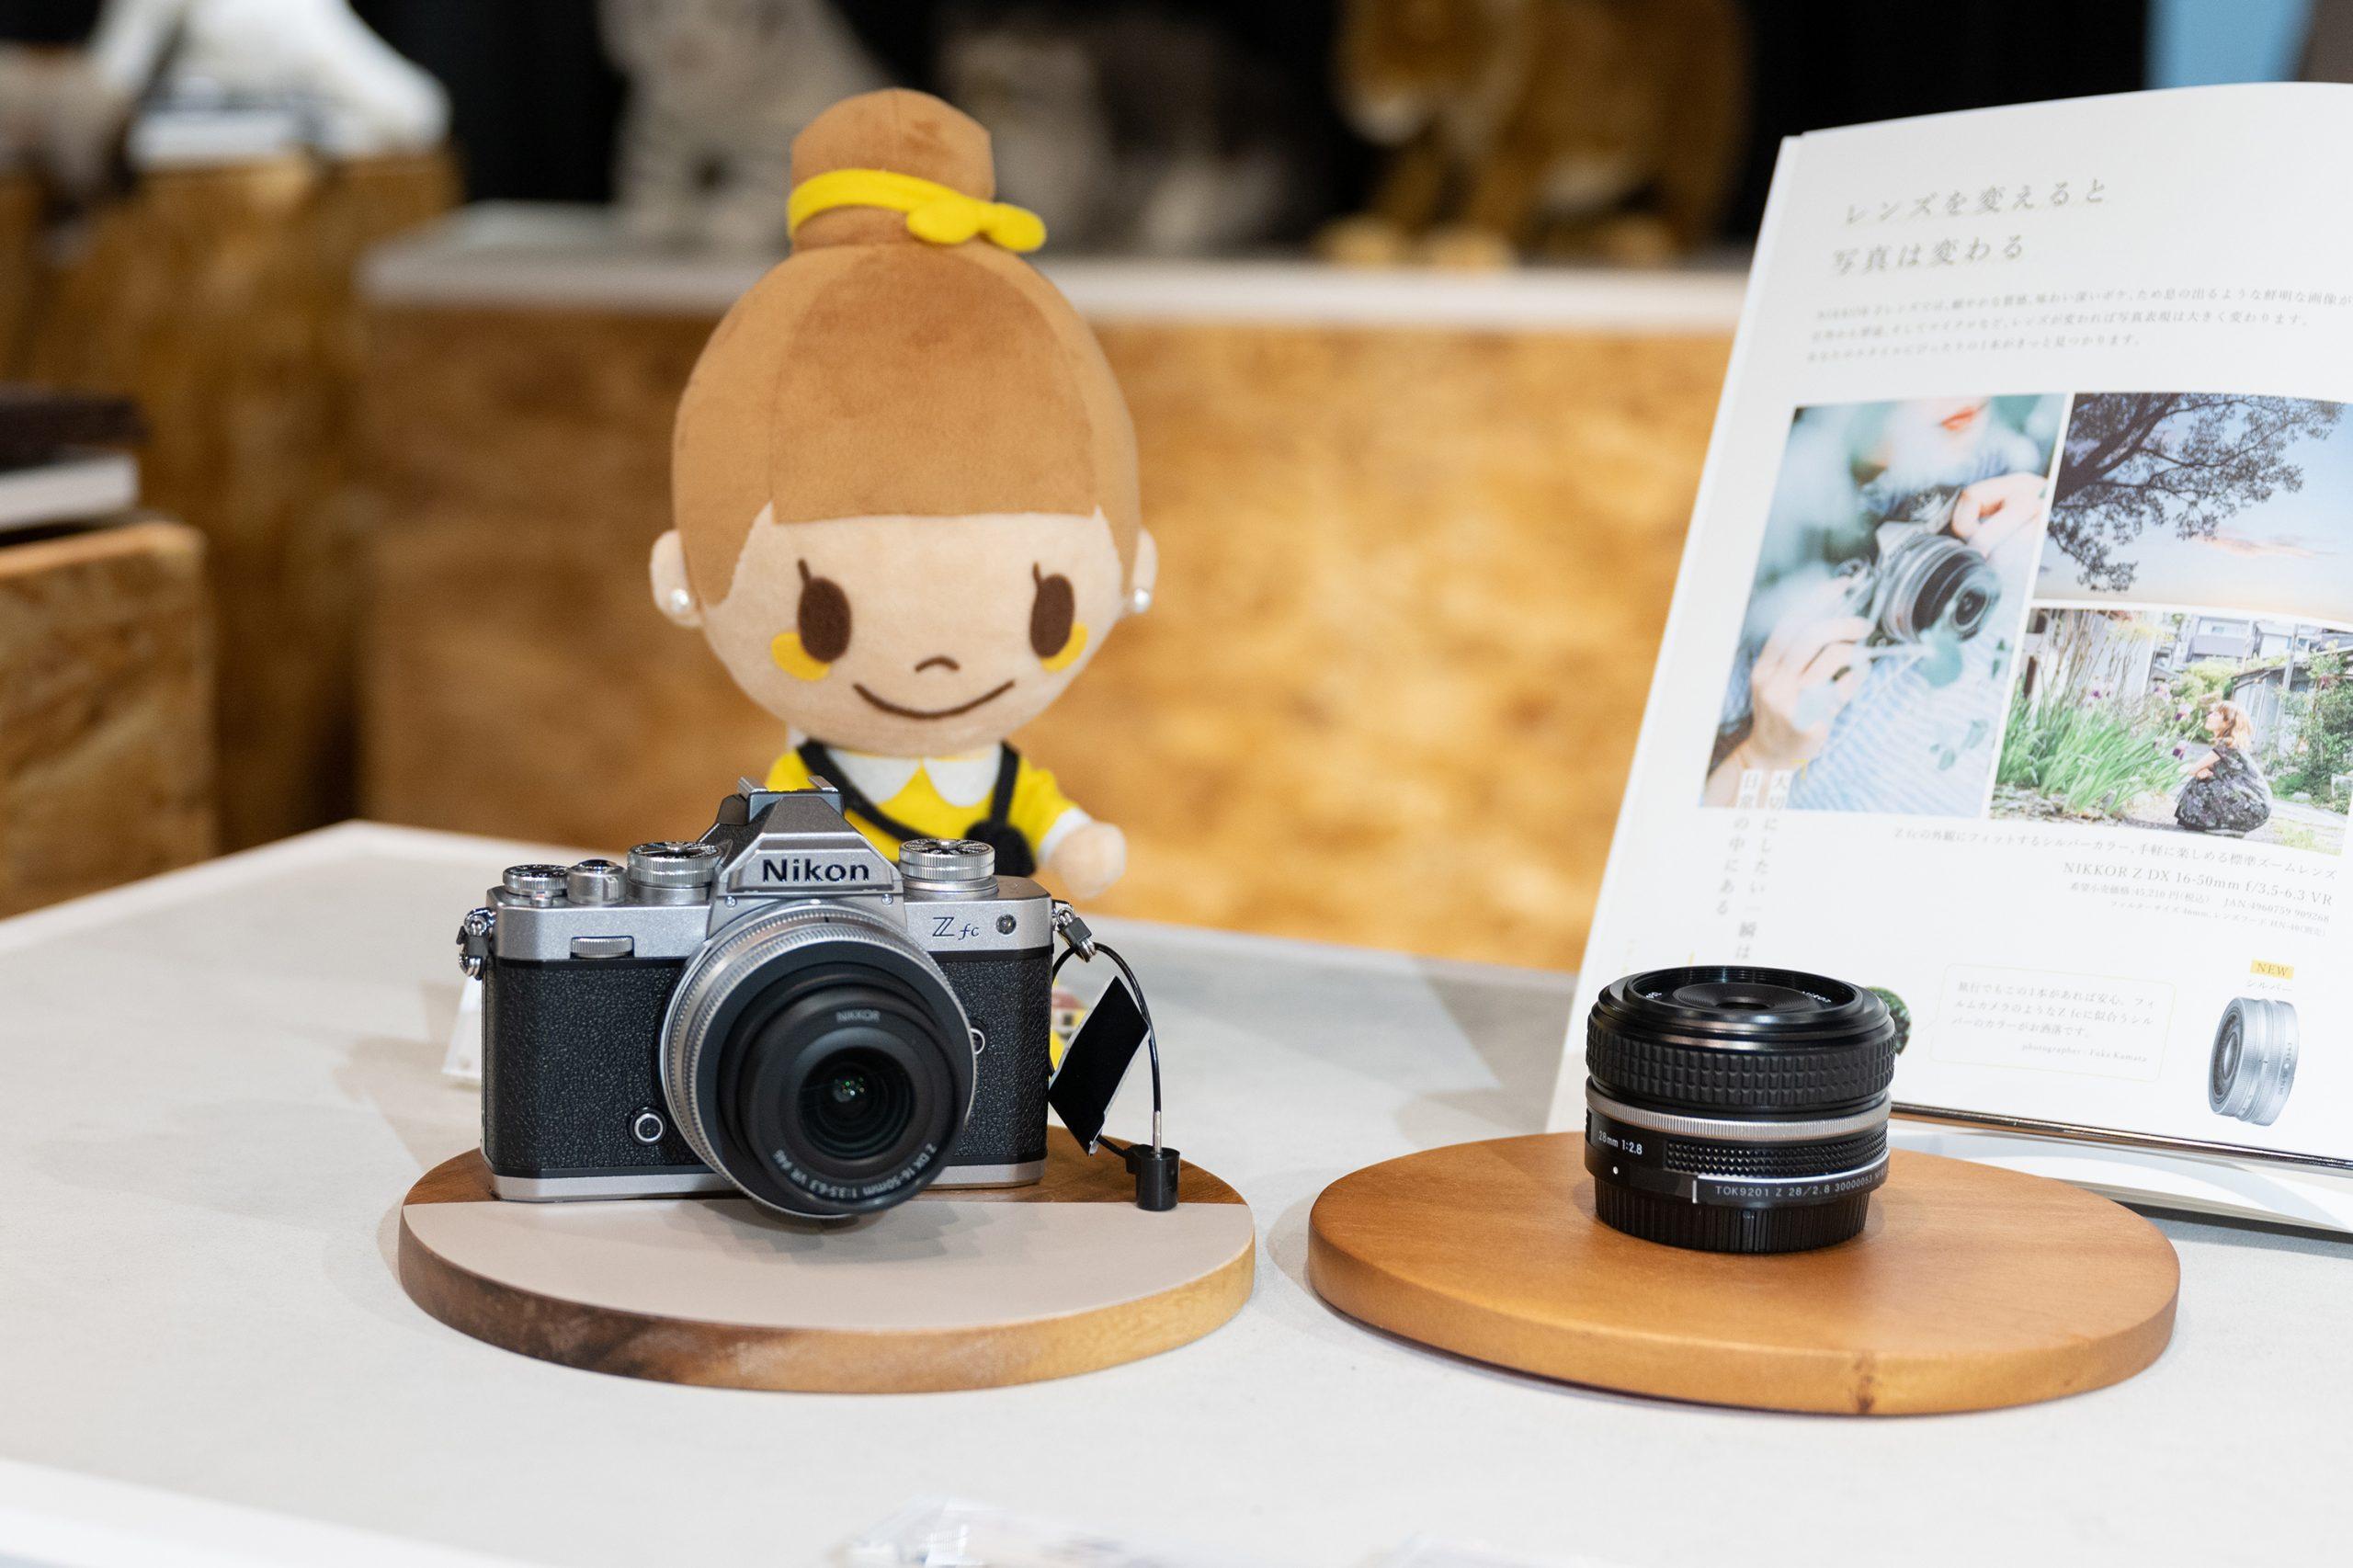 【Nikon】新しくなったニコンプラザ東京で『Z fc』 を先行体験